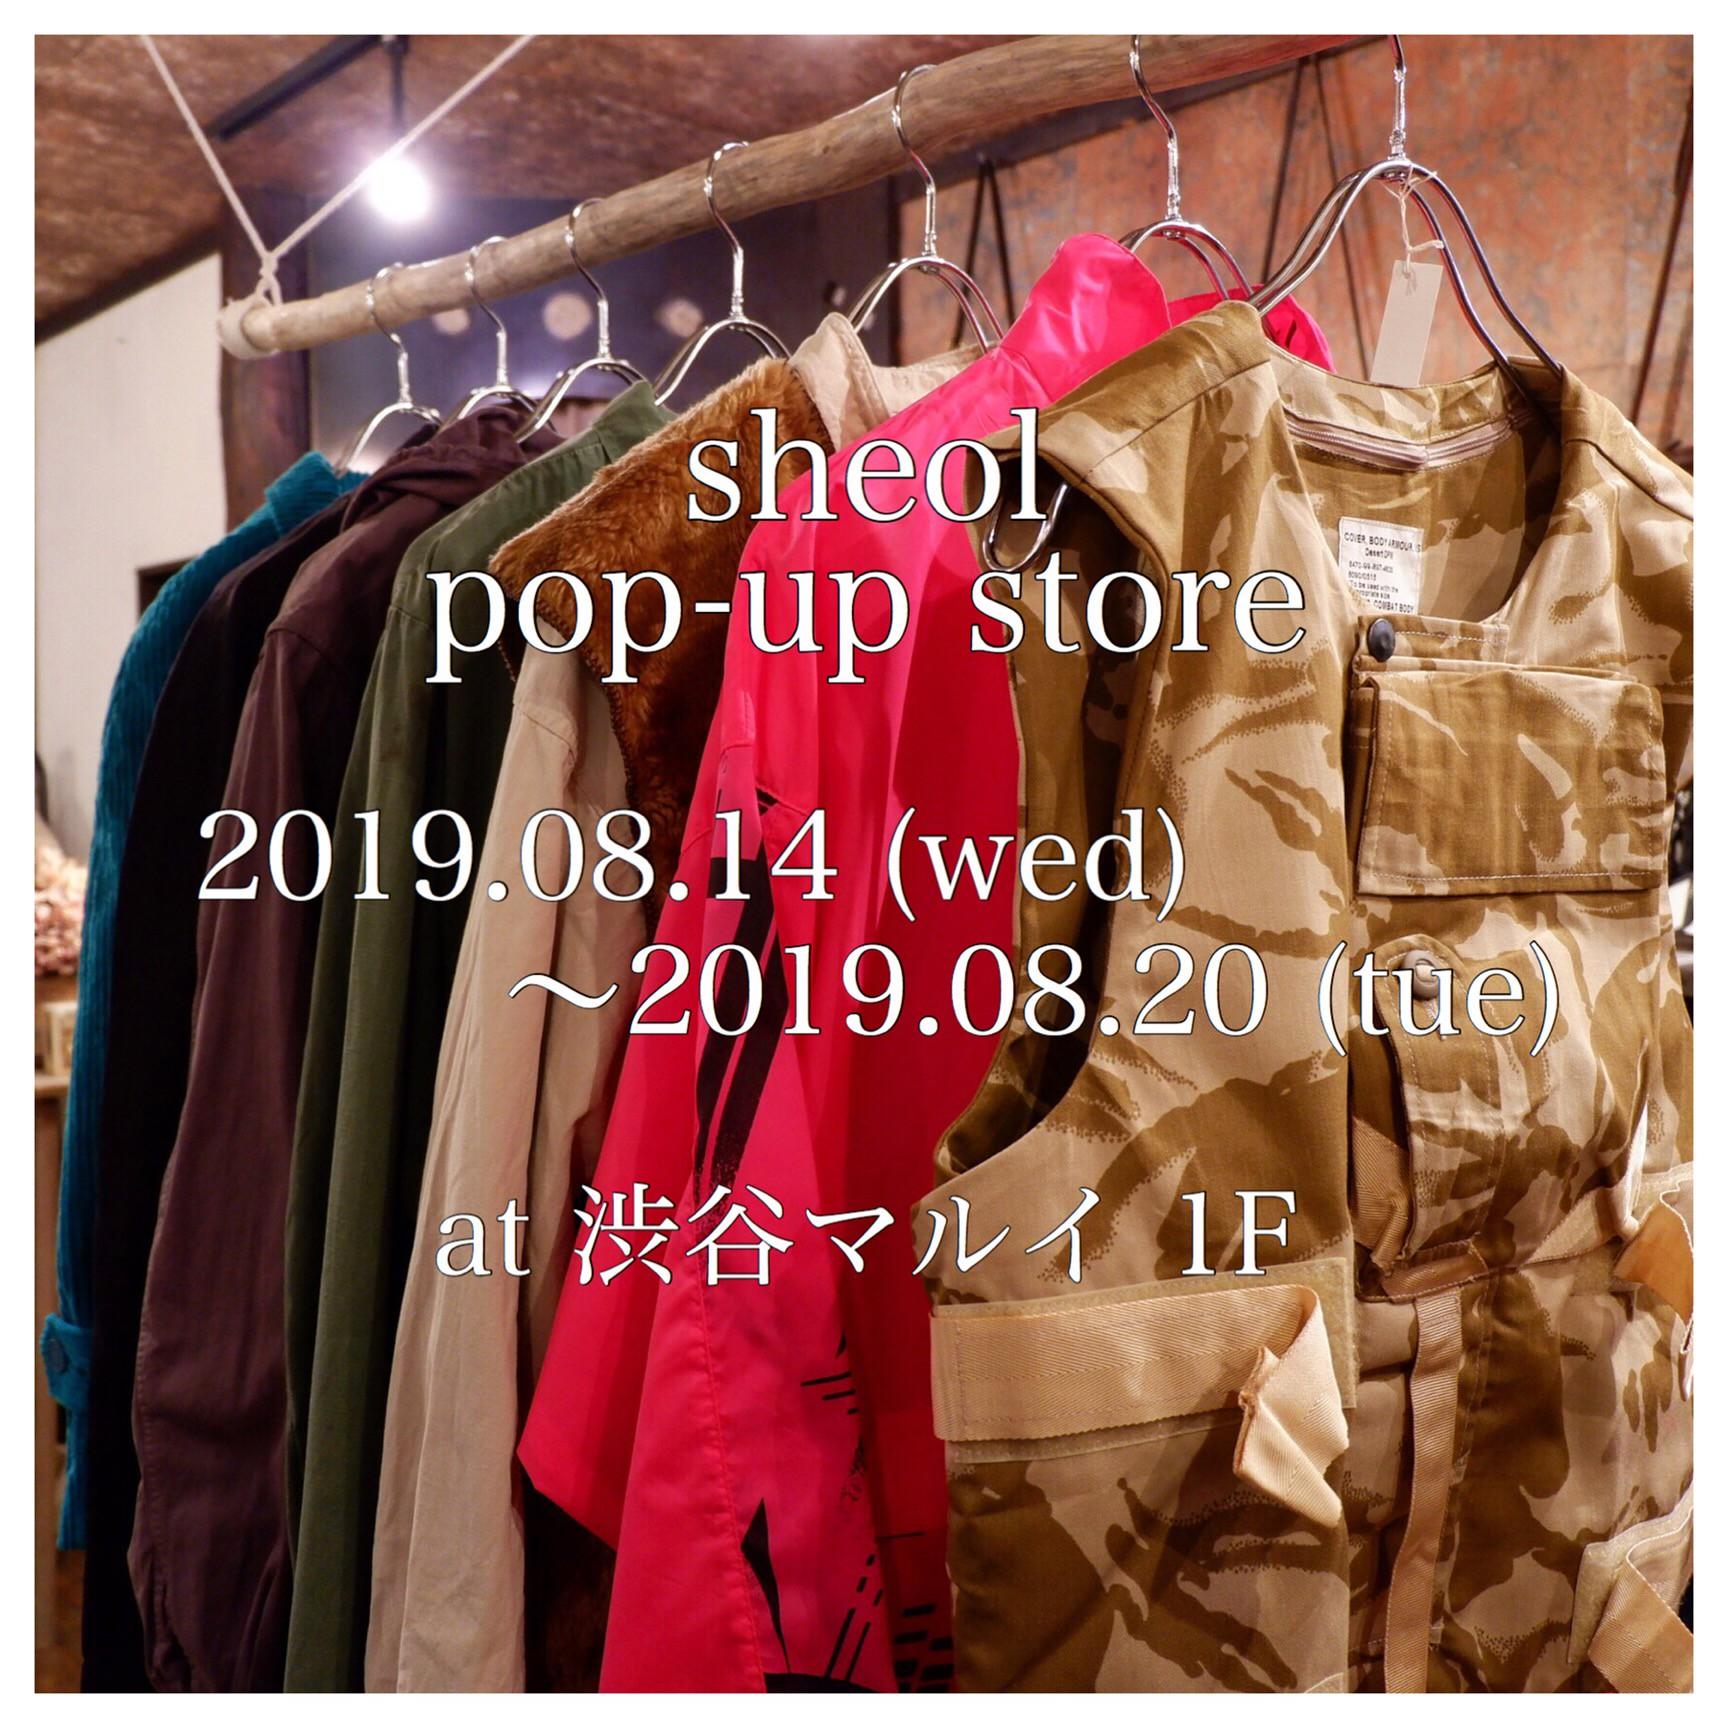 8/14(水)~8/20(火) sheol pop-up store at 渋谷マルイ 1F